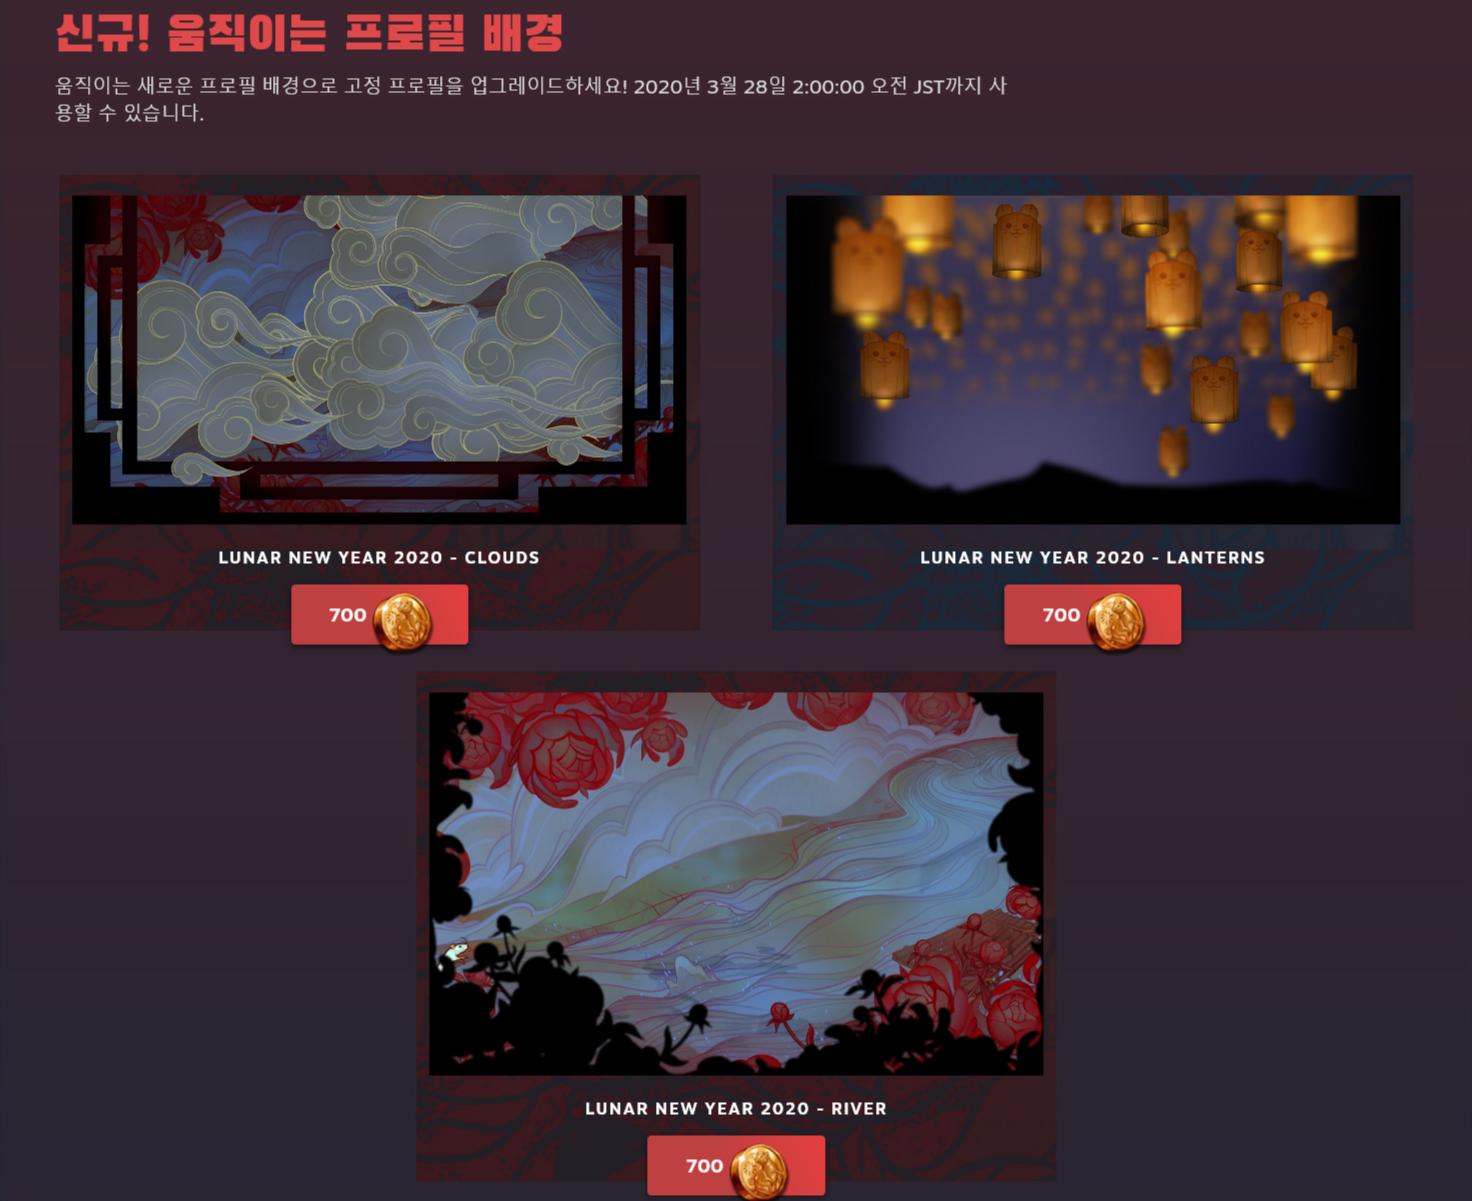 Screenshot_2020-01-24 The Lunar New Year Market(4).png